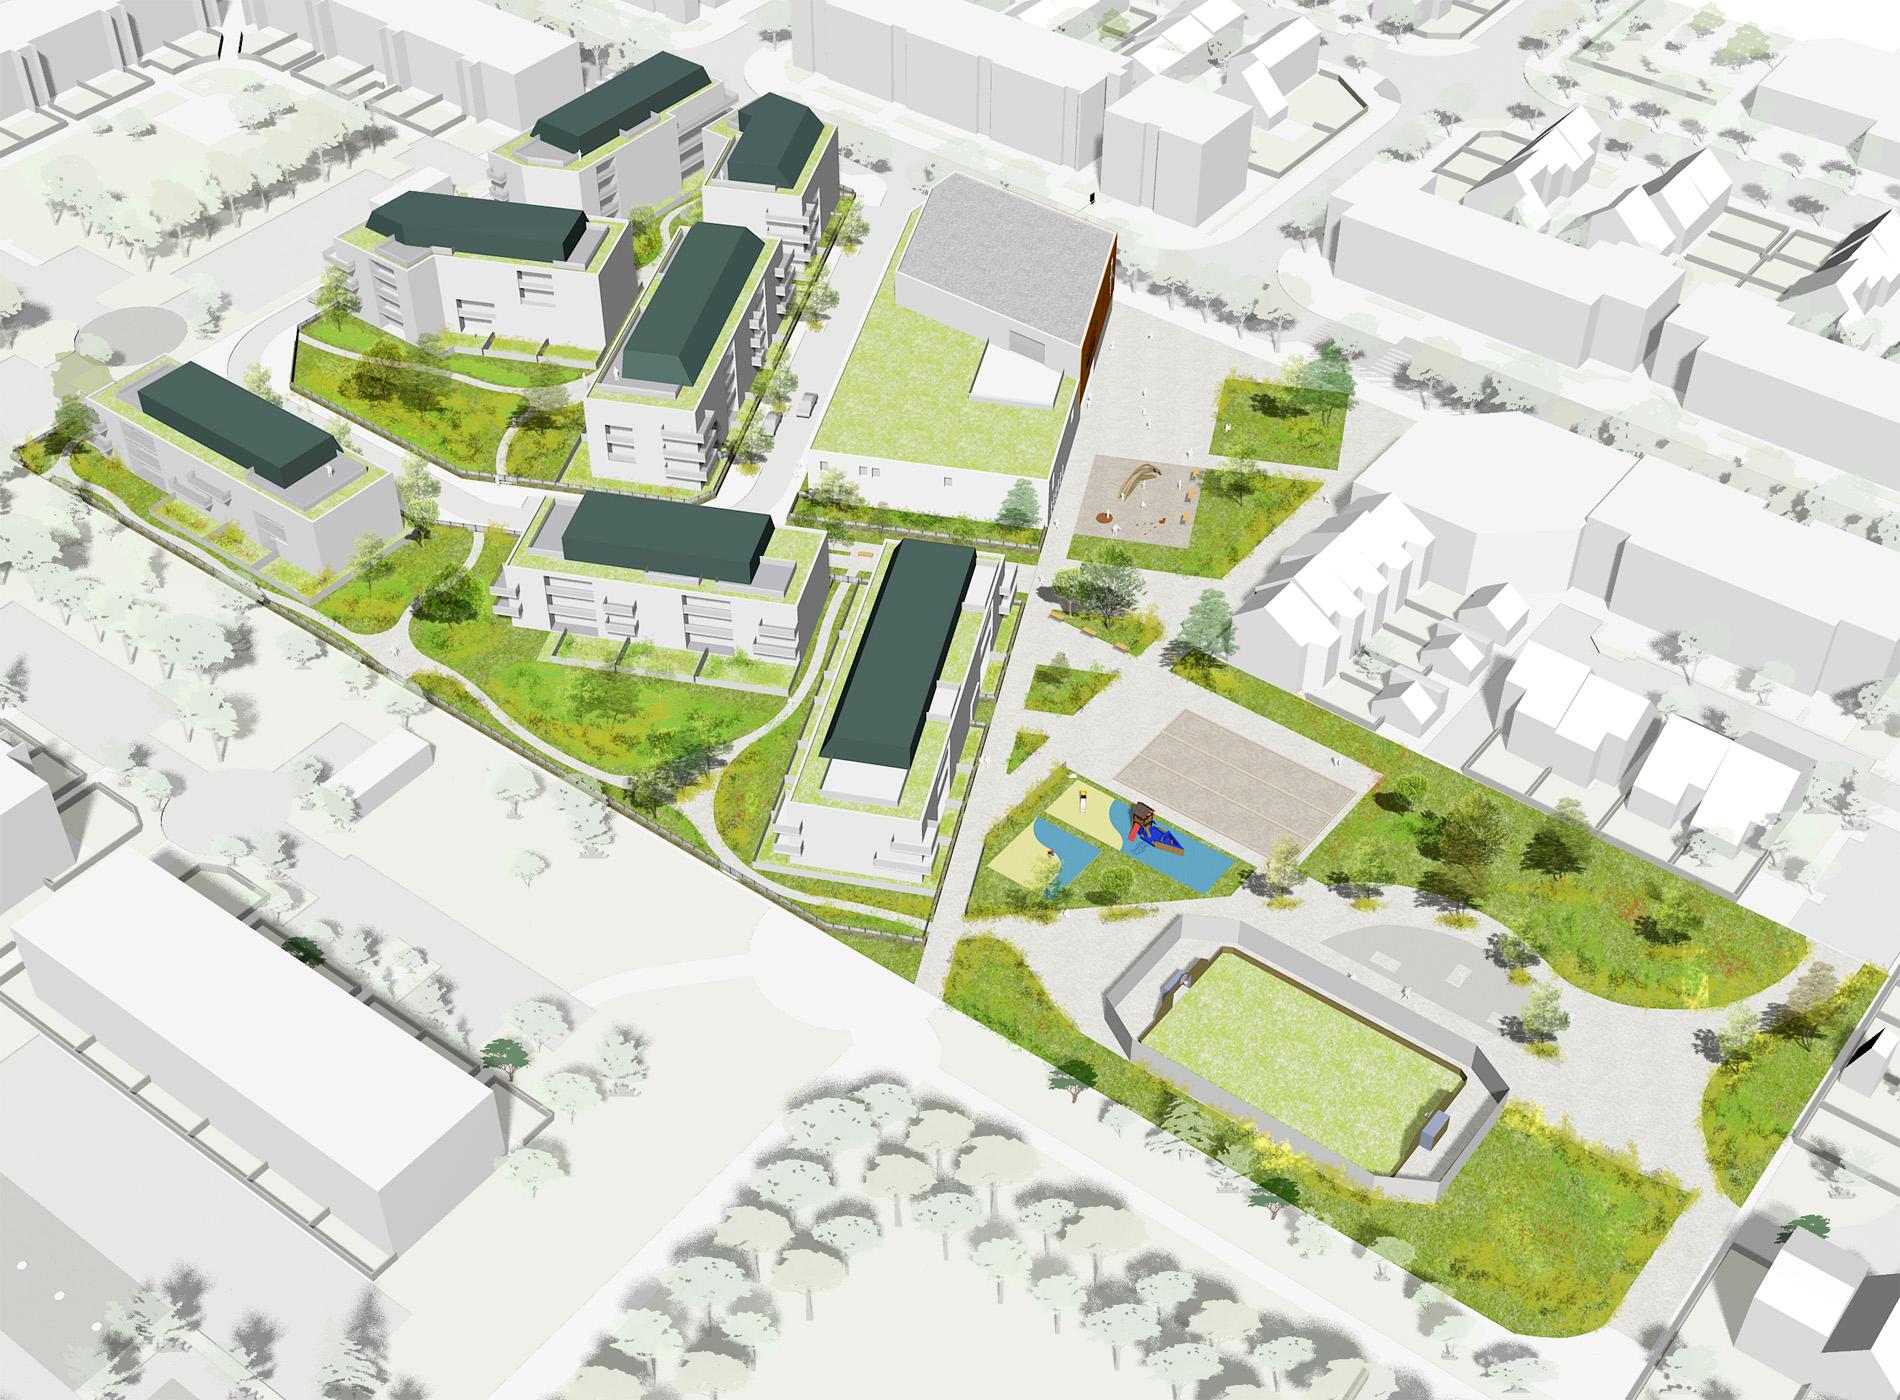 Programmation urbaine - Aménagement d'un projet complexe à Montigny-le-Bretonneux - Axonométrie - Cap Urbain, agence de programmation urbaine et architecturale à Nantes